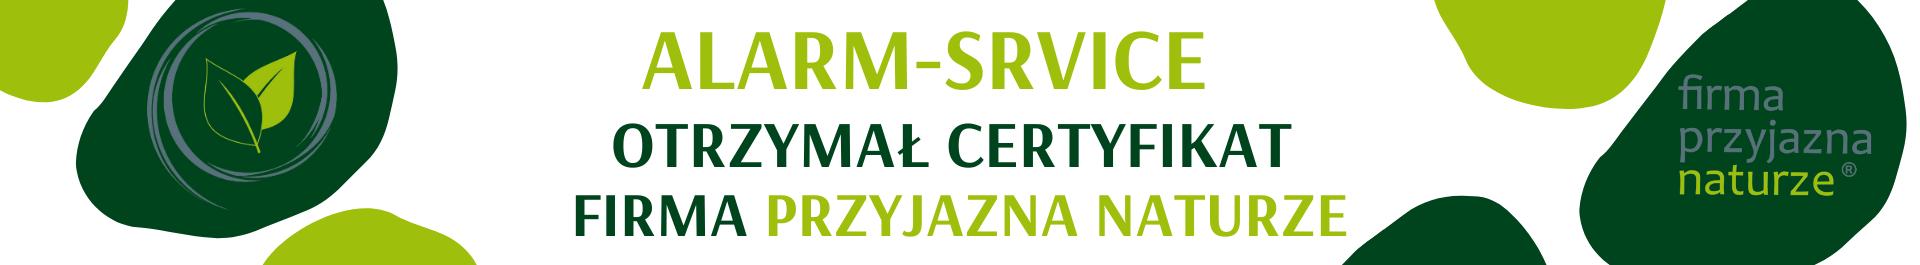 firma Alarm-Service otrzymała certyfikat uczestnictwa w programie ekologicznej odpowiedzialności przedsiębiorstw Firma Przyjazna Naturze.